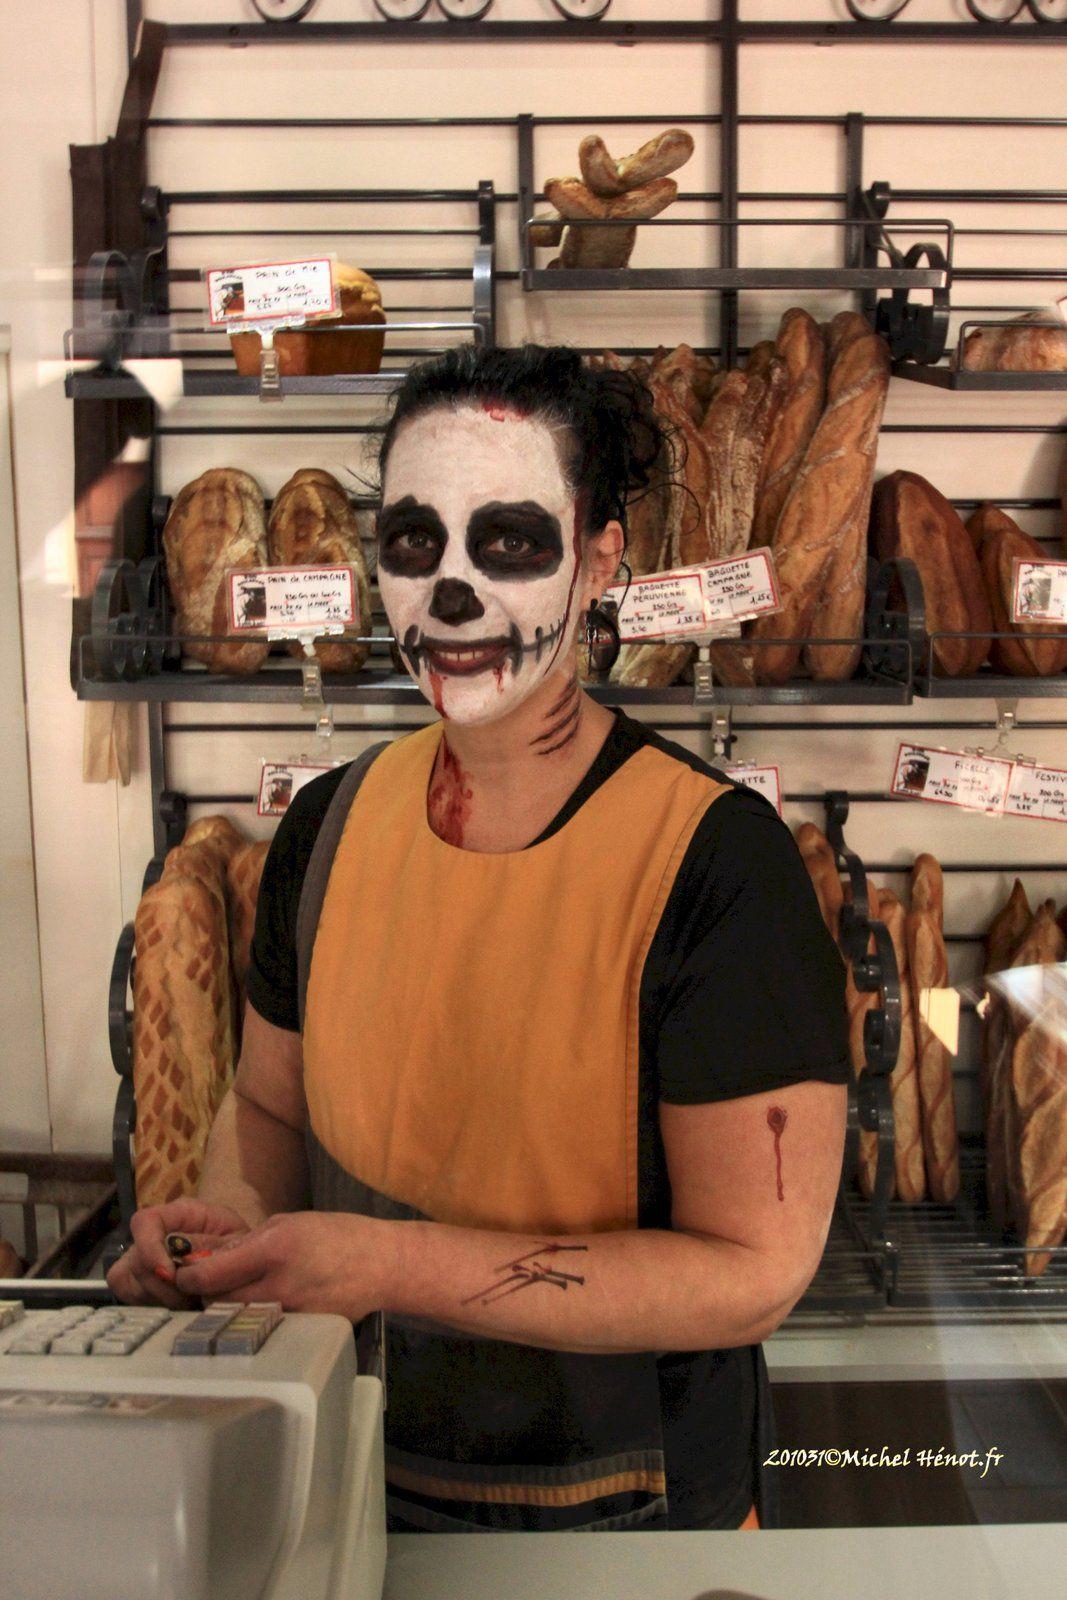 En allant chercher mon pain, j'ai rencontré Halloween !